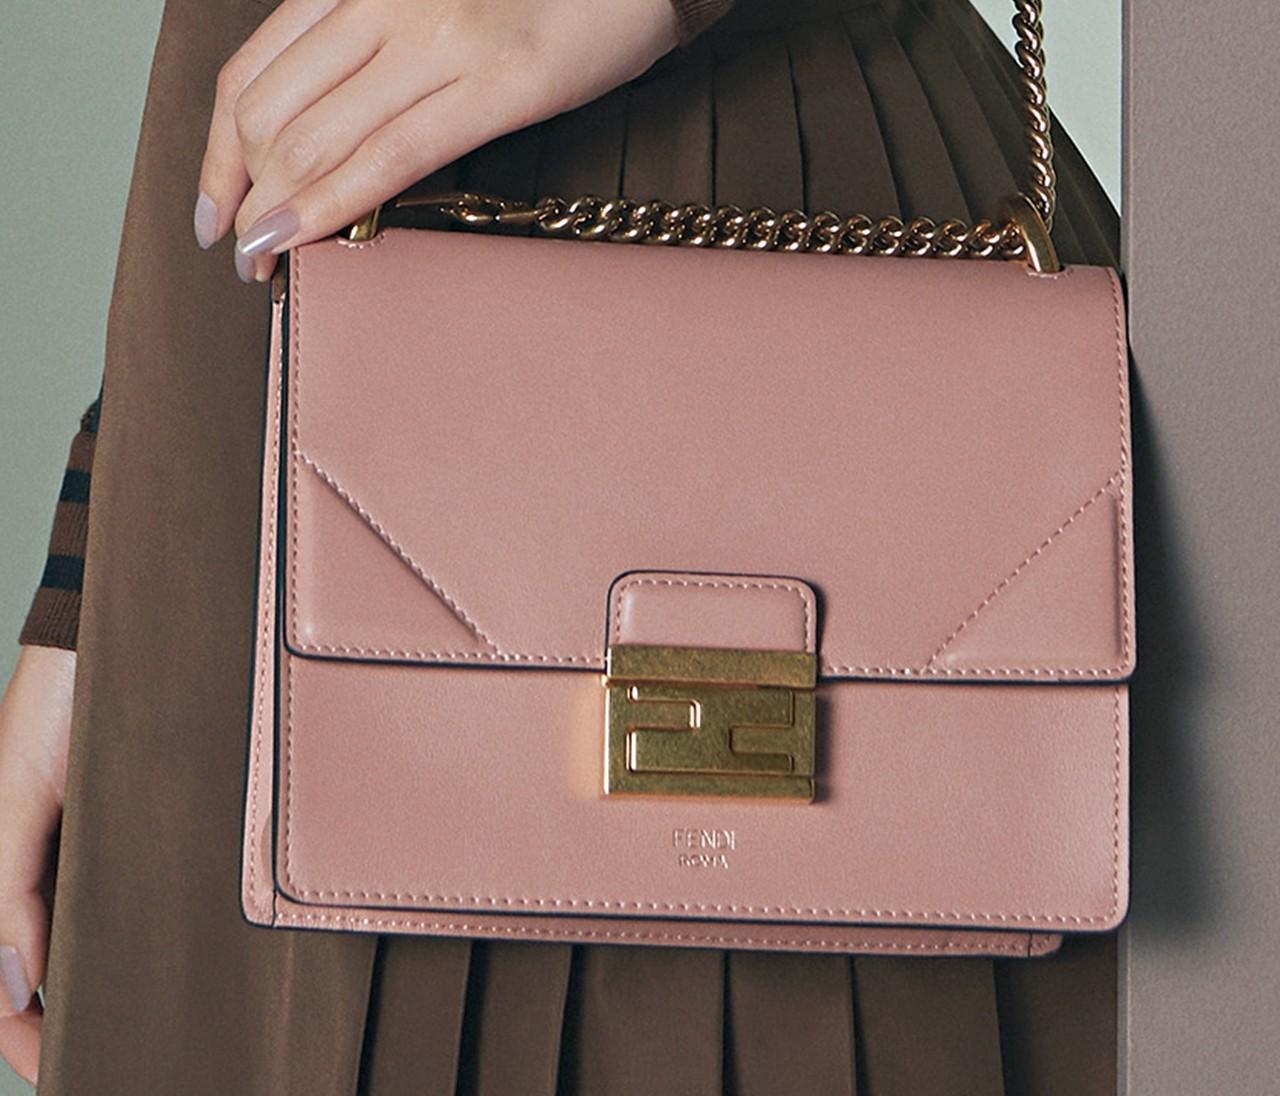 【春のご褒美ミニバッグ】「フェンディ」は春めくベビーピンクのバッグが可愛い♡